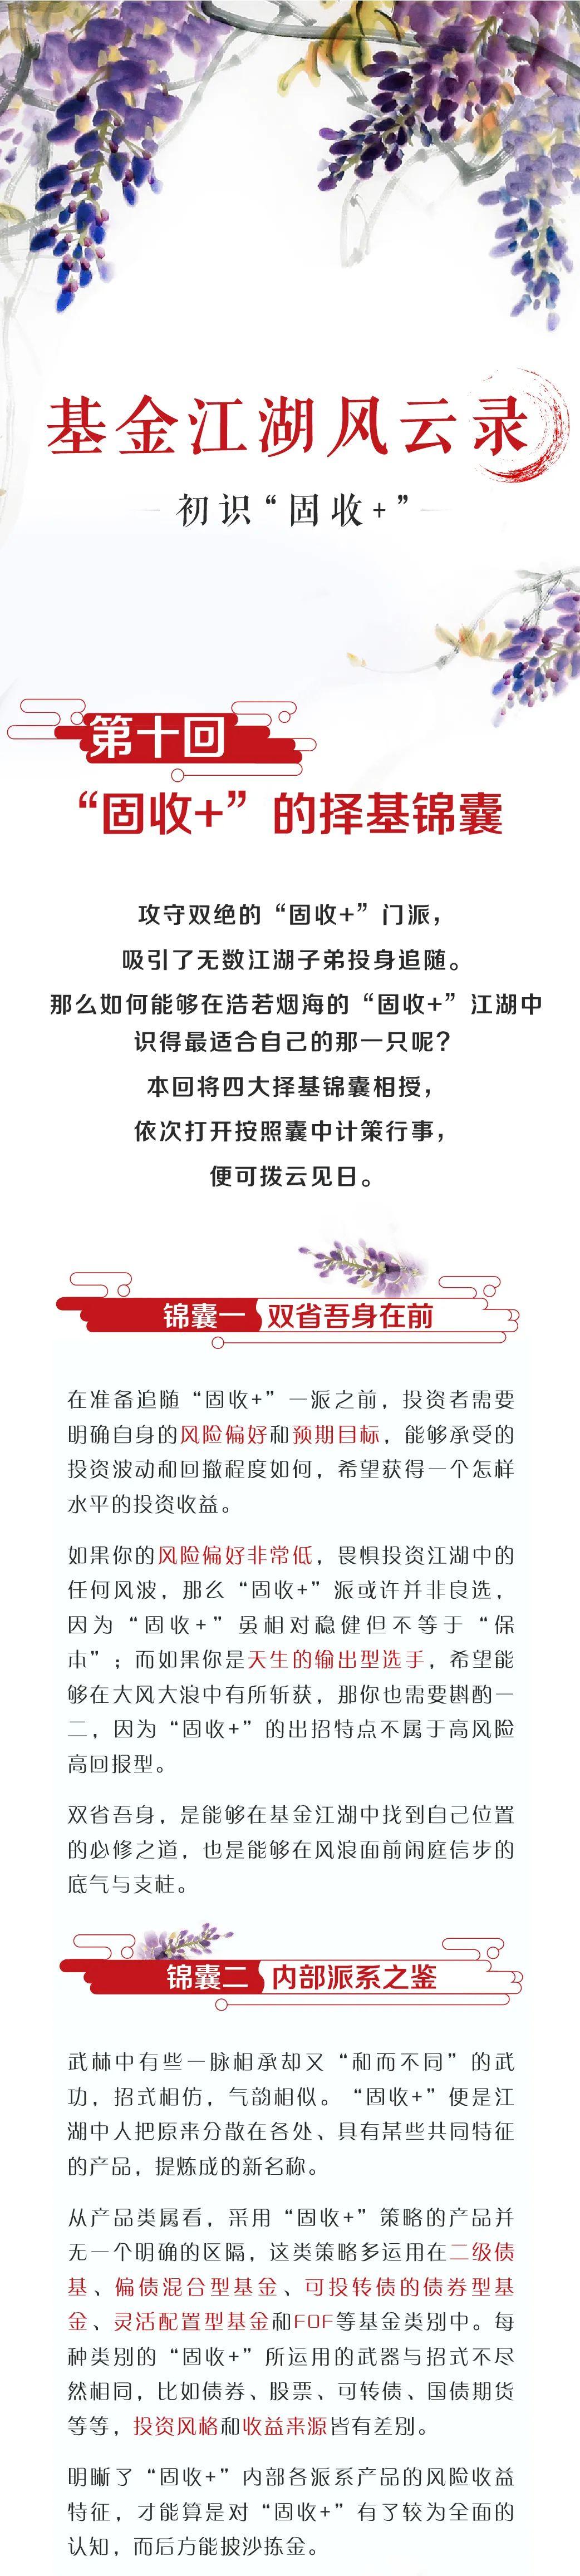 """『基金江湖风云录』初识""""固收+""""篇——""""固收+""""的择基锦囊"""